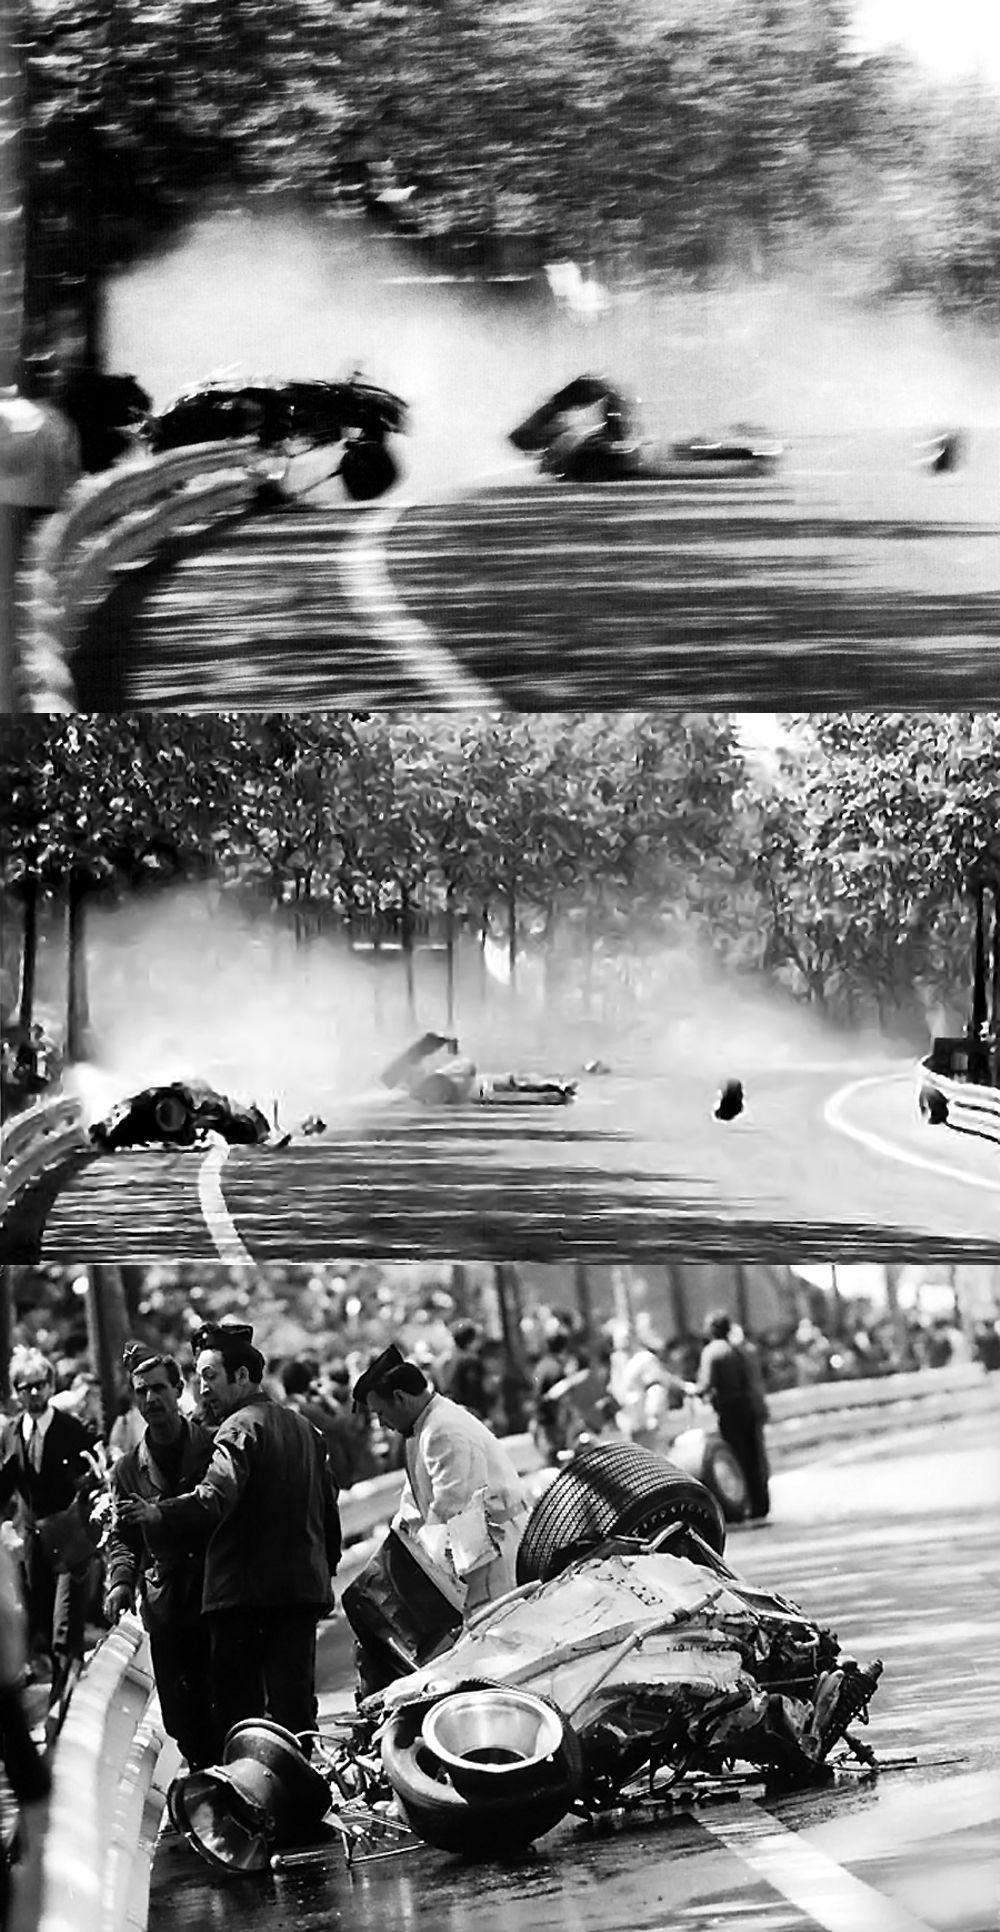 Technique Autodromes and Safety (P3) Vintage racing